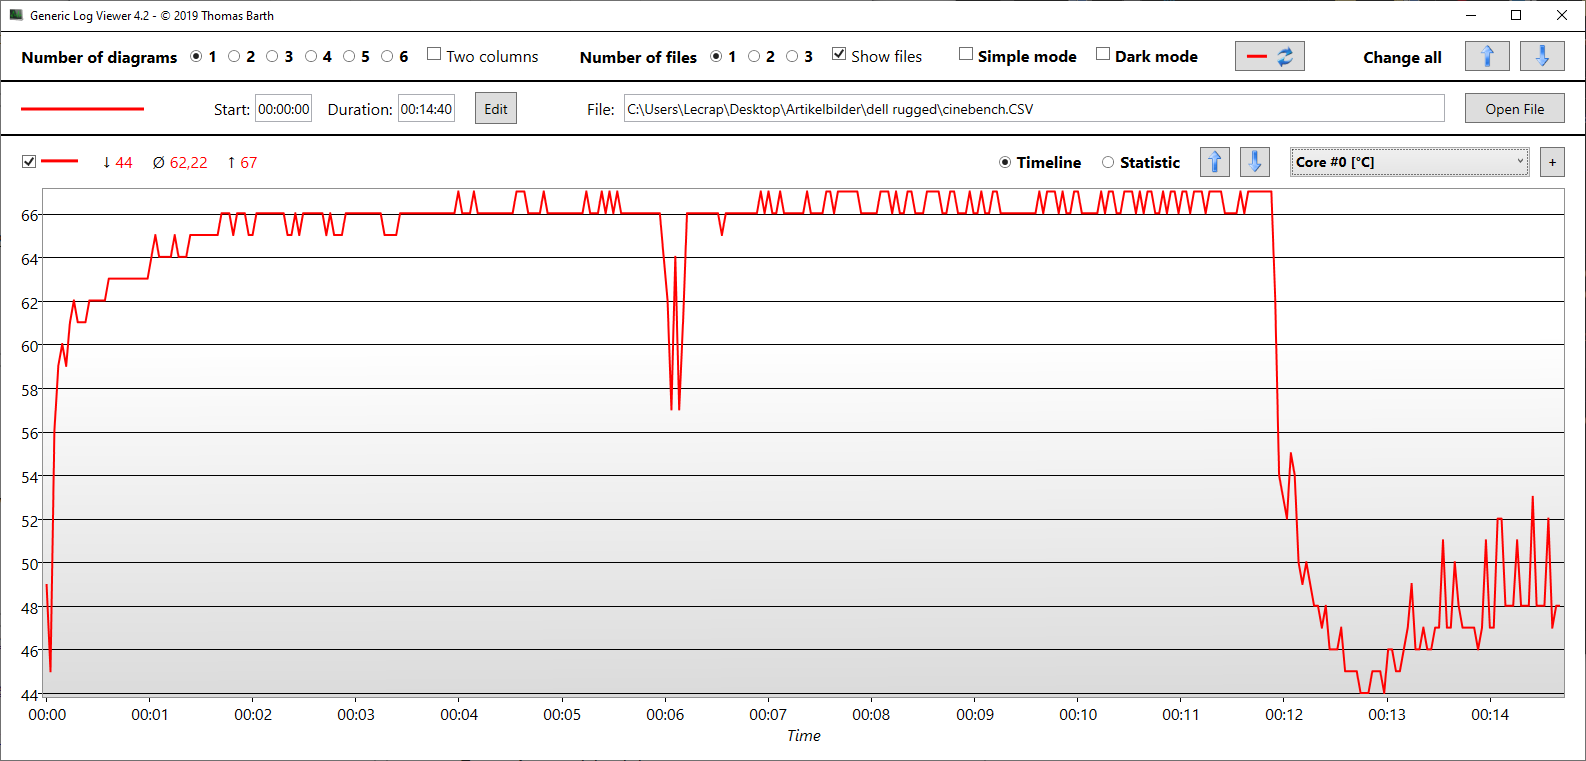 Dell Latitude 7220 im Test: Das Rugged-Tablet für die Zombieapokalypse - Die Temperatur erreicht niemals mehr als 70 Grad. (Screenshot: Oliver Nickel/Golem.de)